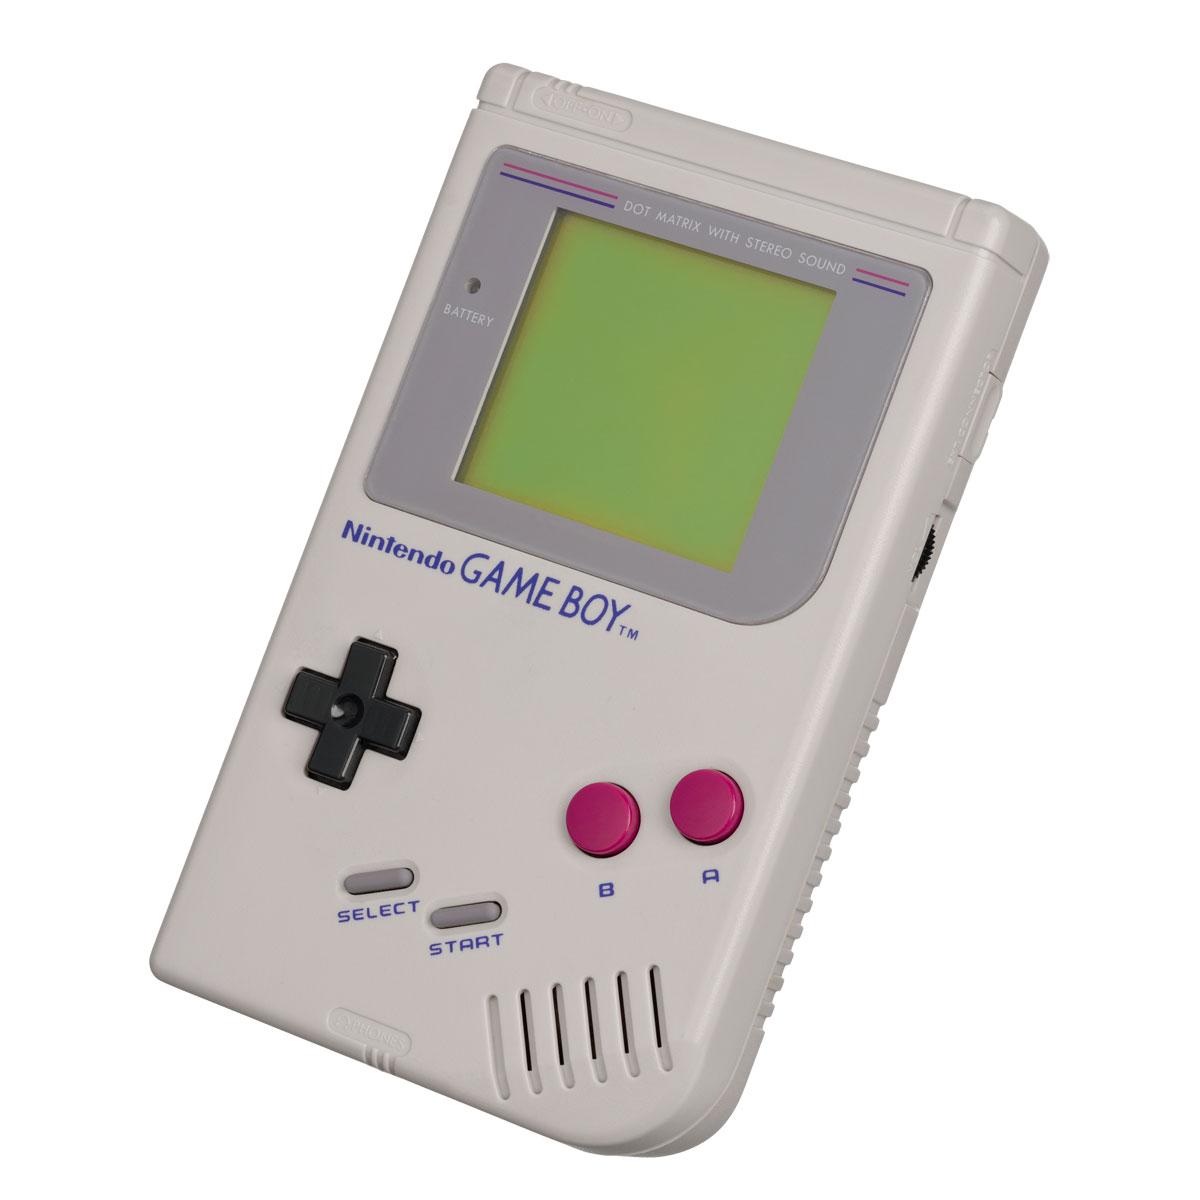 激動の平成デジタルガジェット史 第1回:平成1〜3年(1989〜1991年)